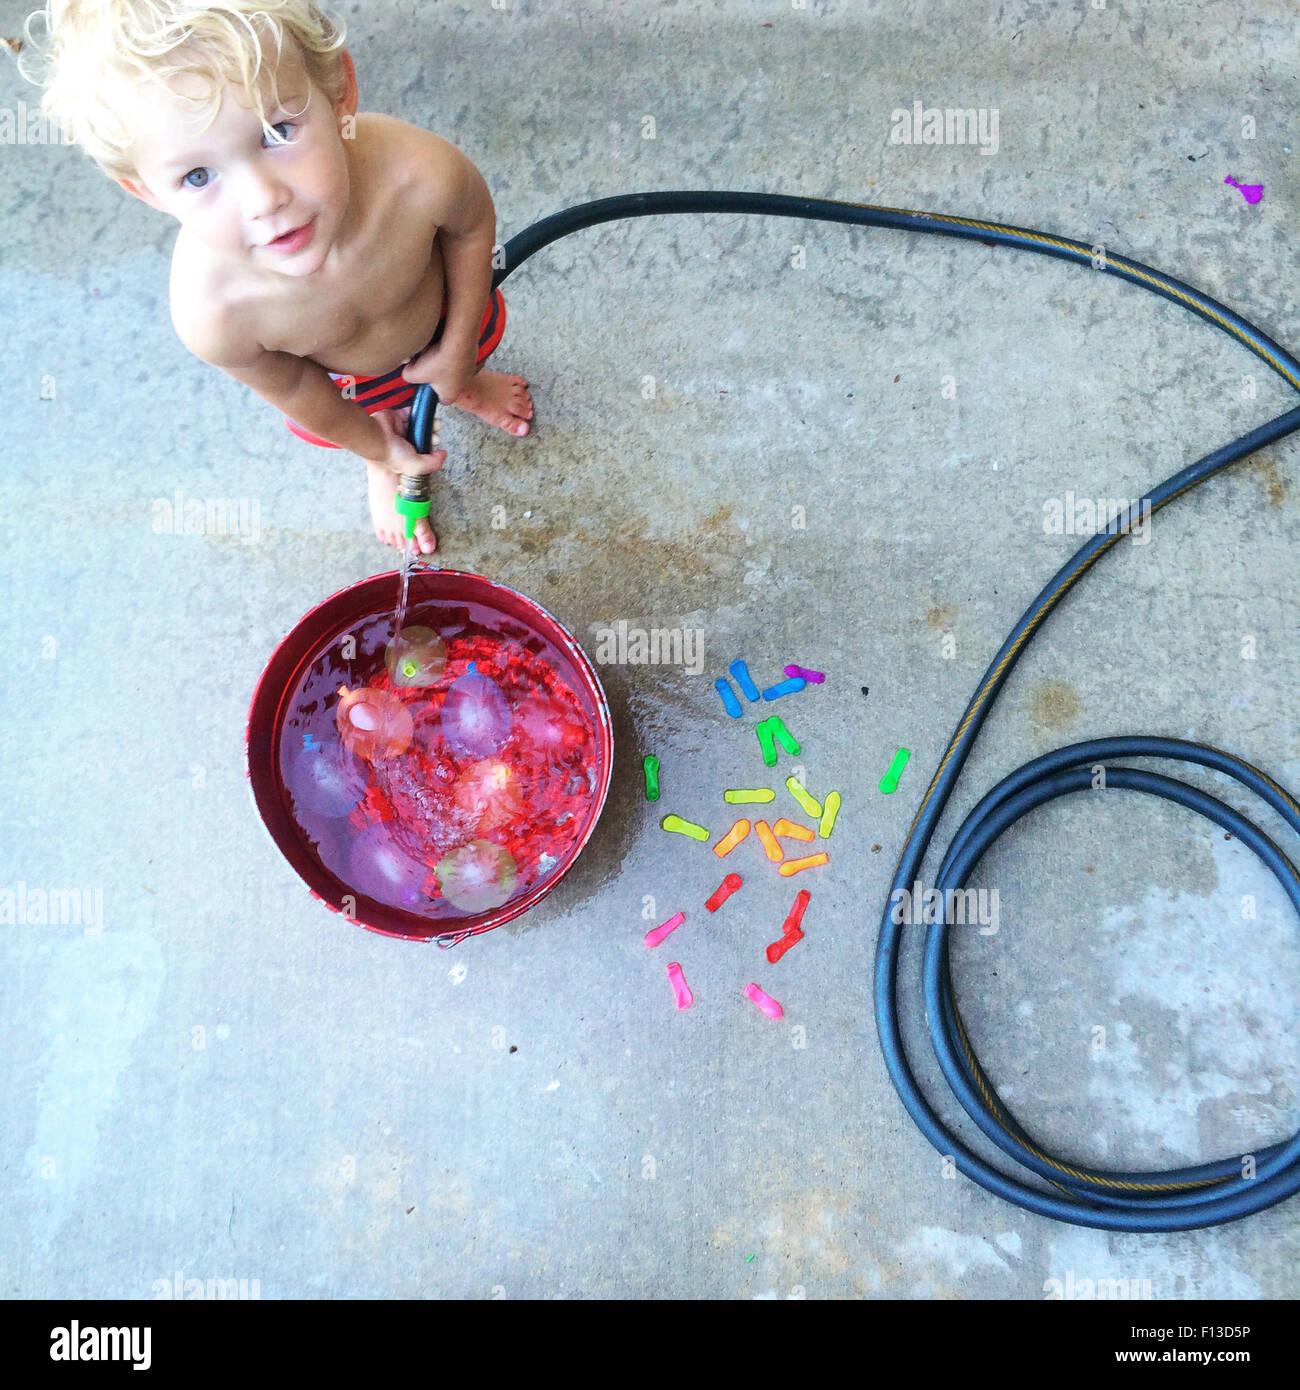 Toddler enchimento um balde com água Imagens de Stock